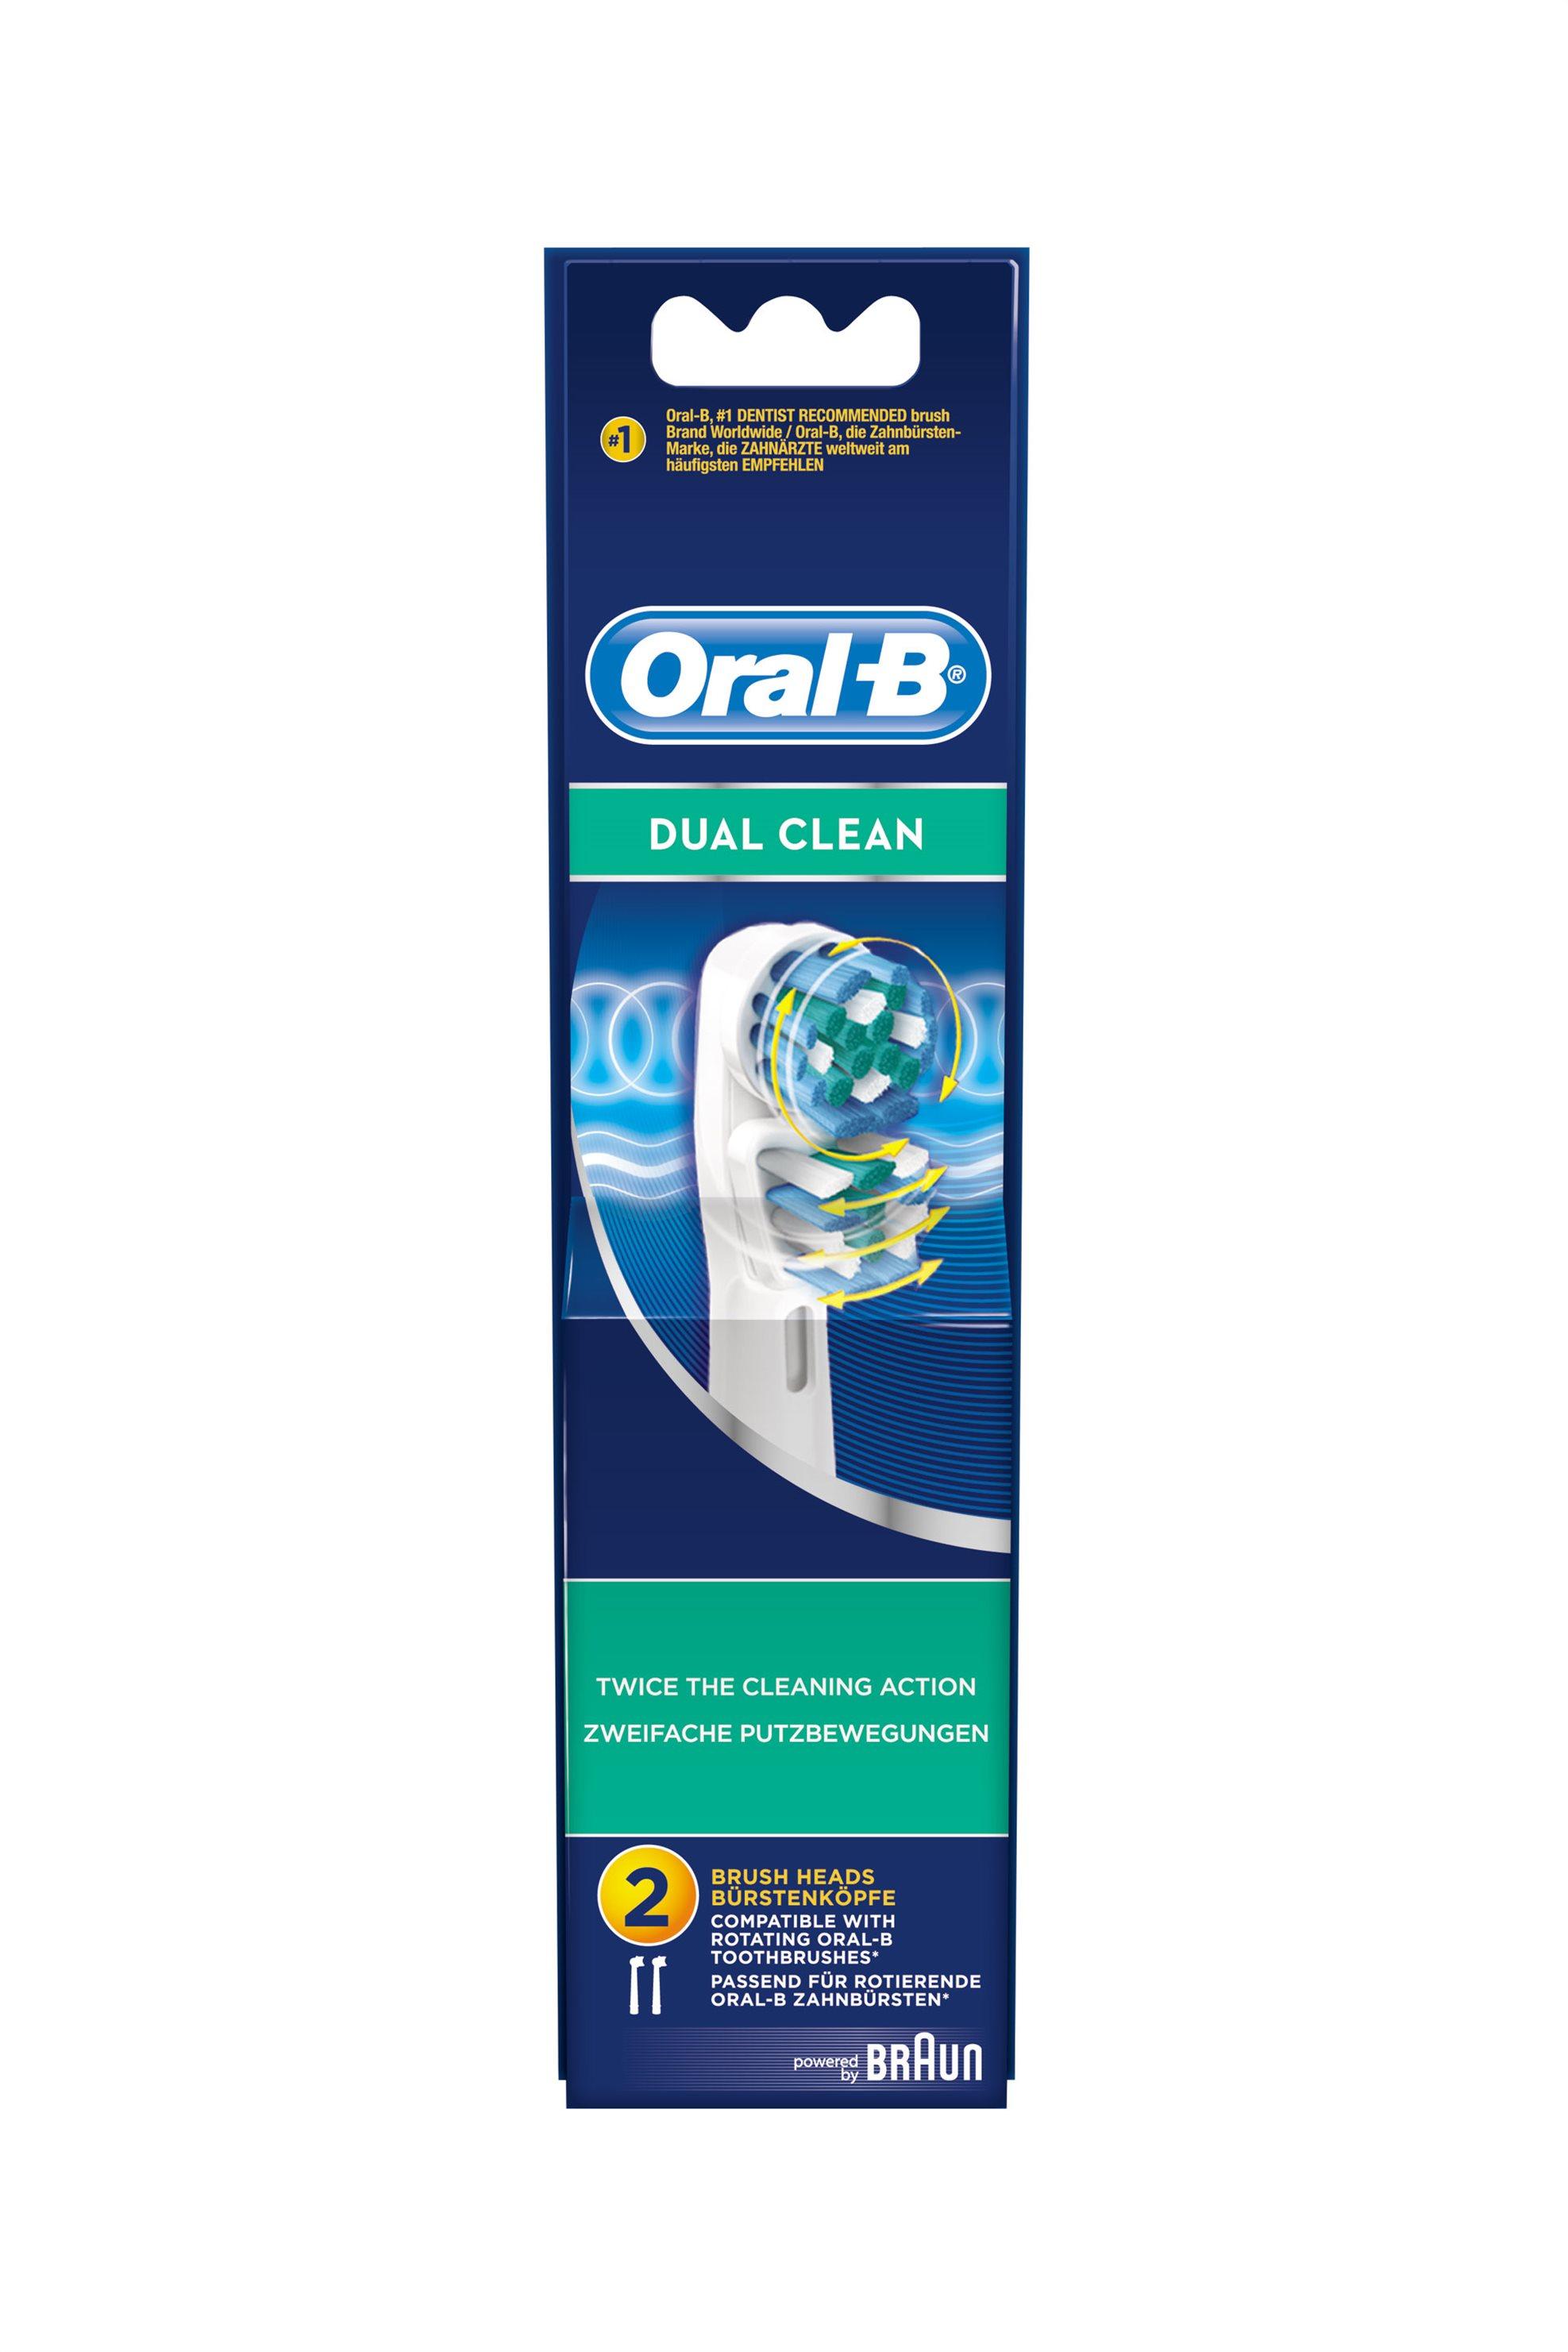 Ανταλλακτικά για ηλεκτρική οδοντόβουρτσα Oral b Dual Clean Braun - EB417-2/N home   συσκευεσ περιποιησησ   ηλεκτρικές οδοντόβουρτσες